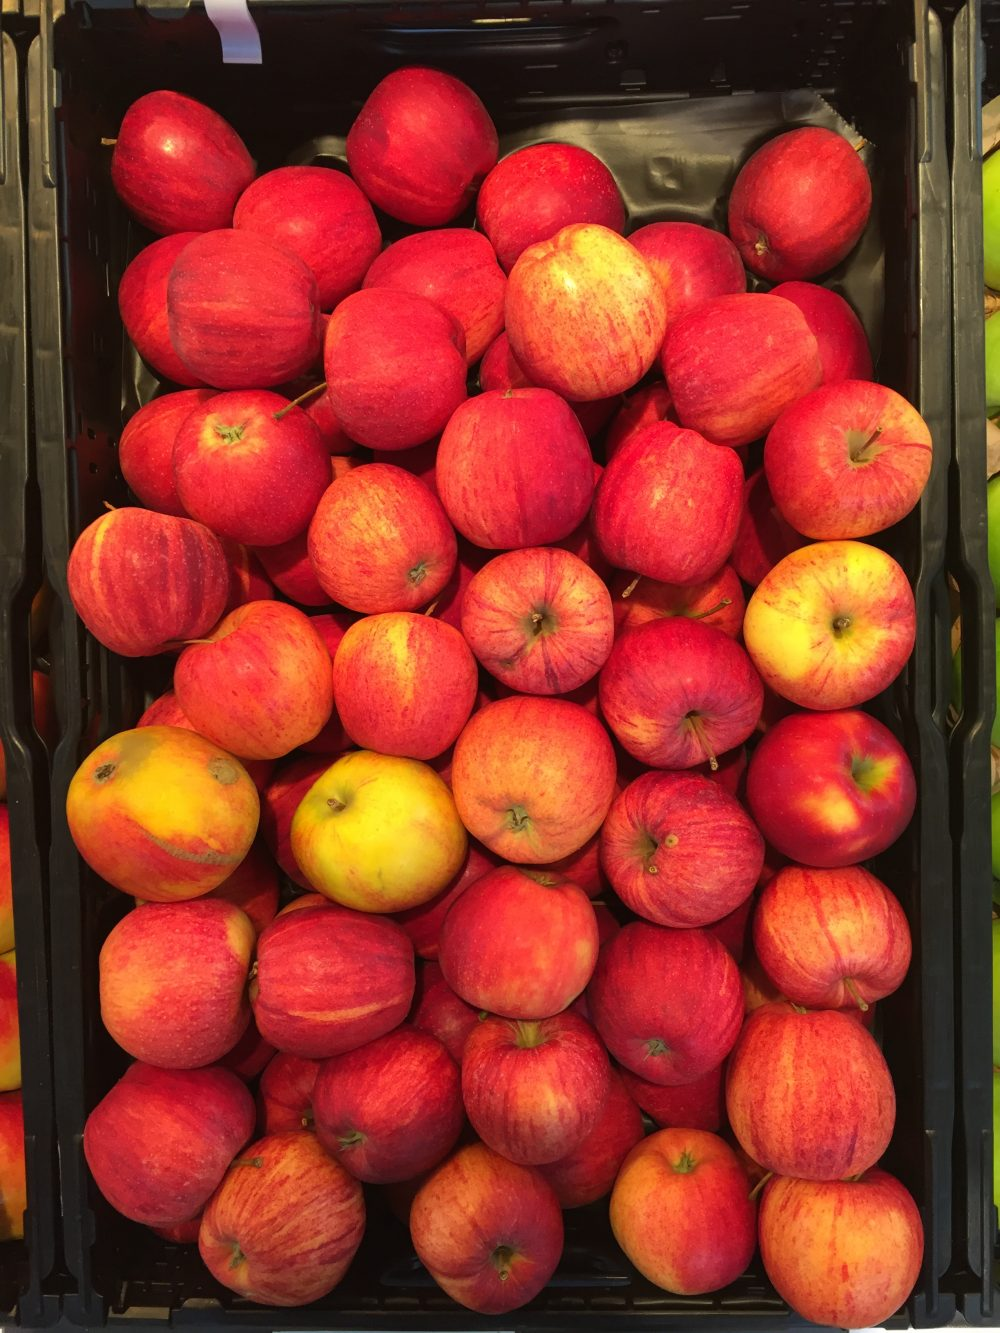 basenfasten, Winter,Vitamine, Äpfel